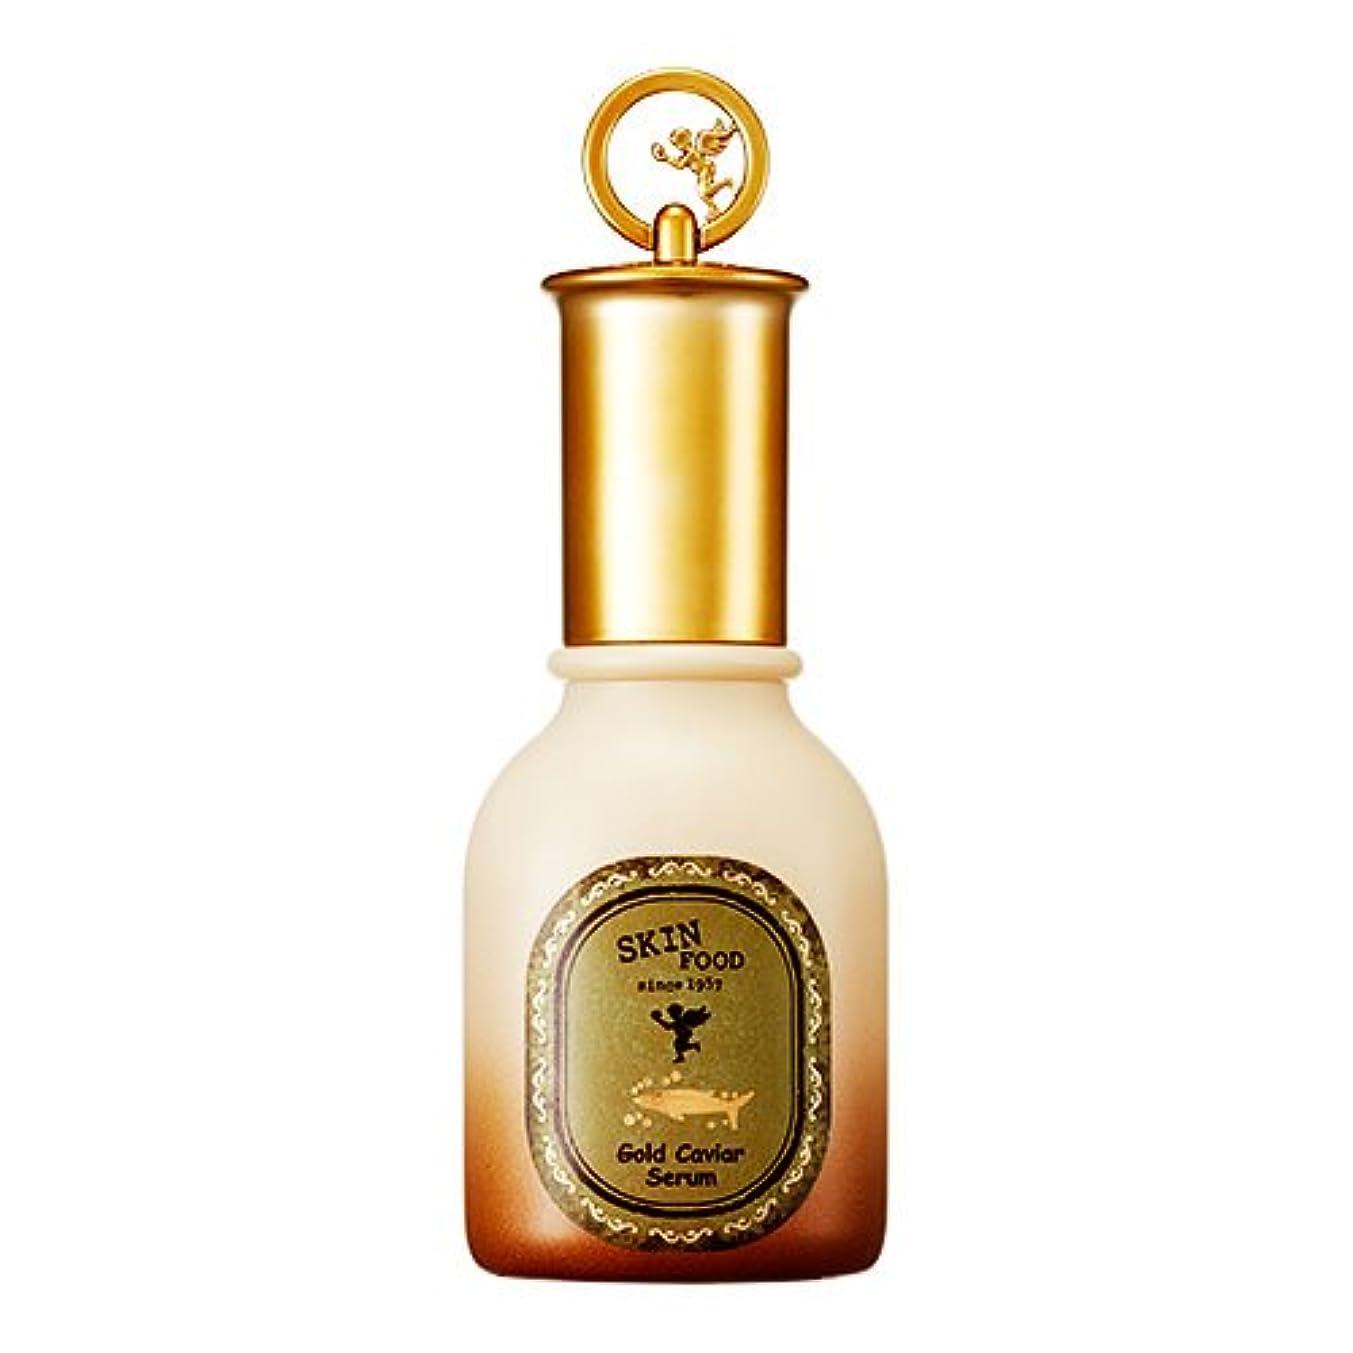 胚ファンタジーベンチSkinfood ゴールドキャビアセラム(しわケア) / Gold Caviar Serum (wrinkle care) 45ml [並行輸入品]